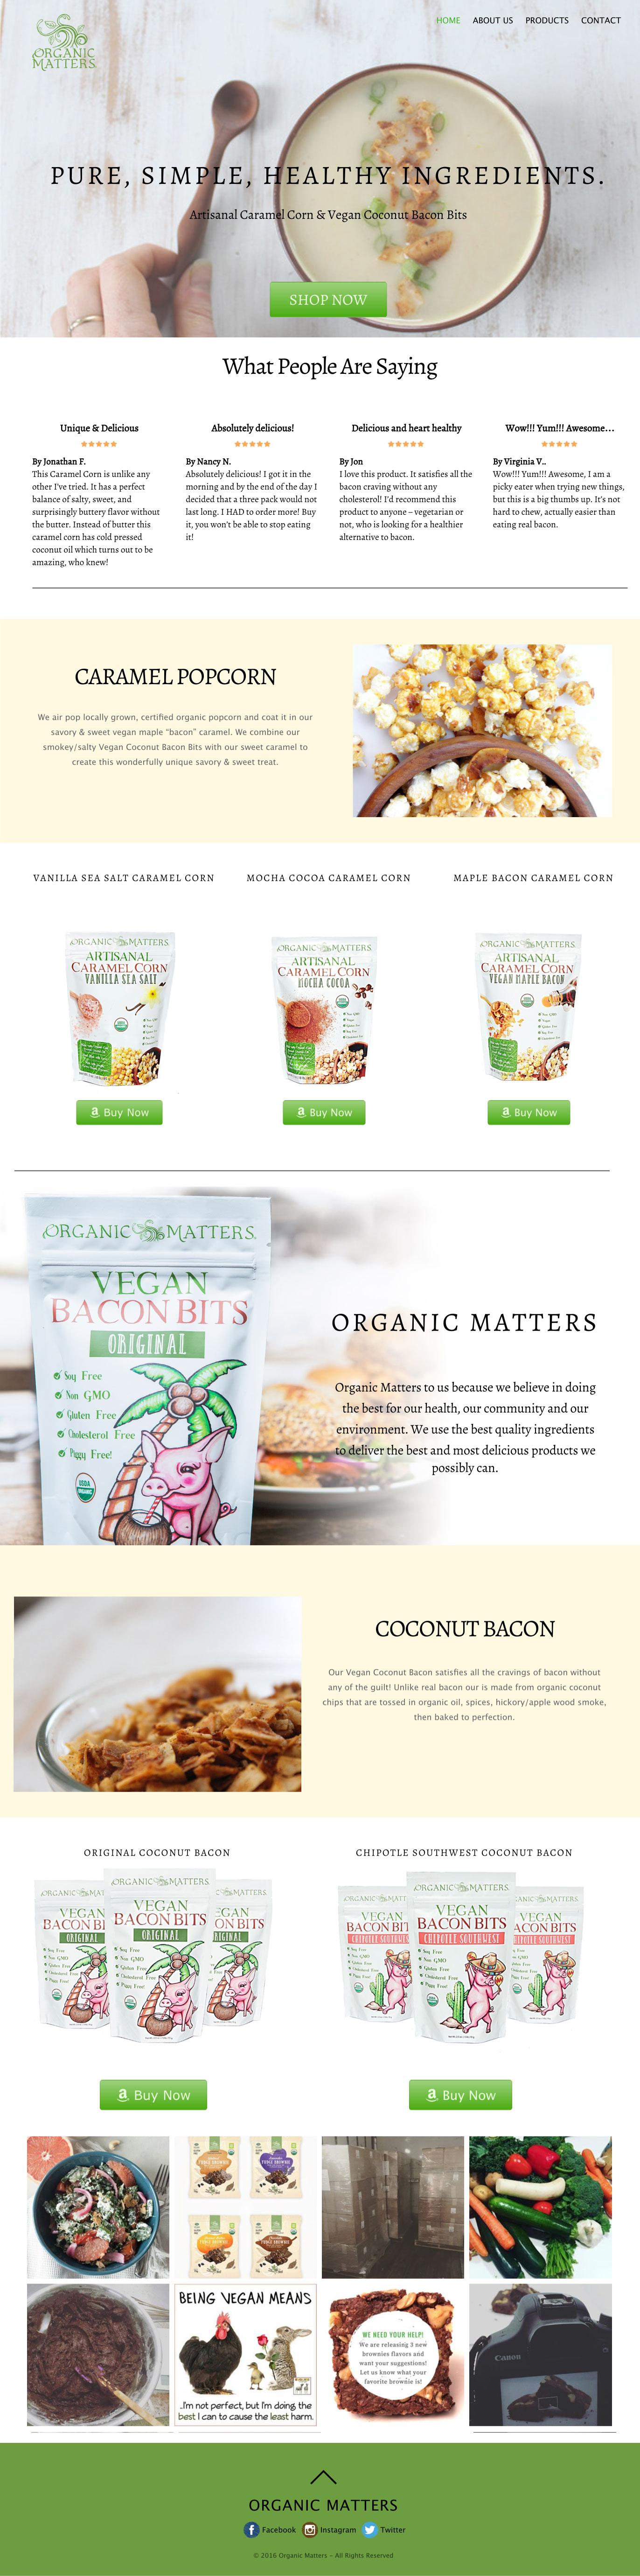 OGM-full-website